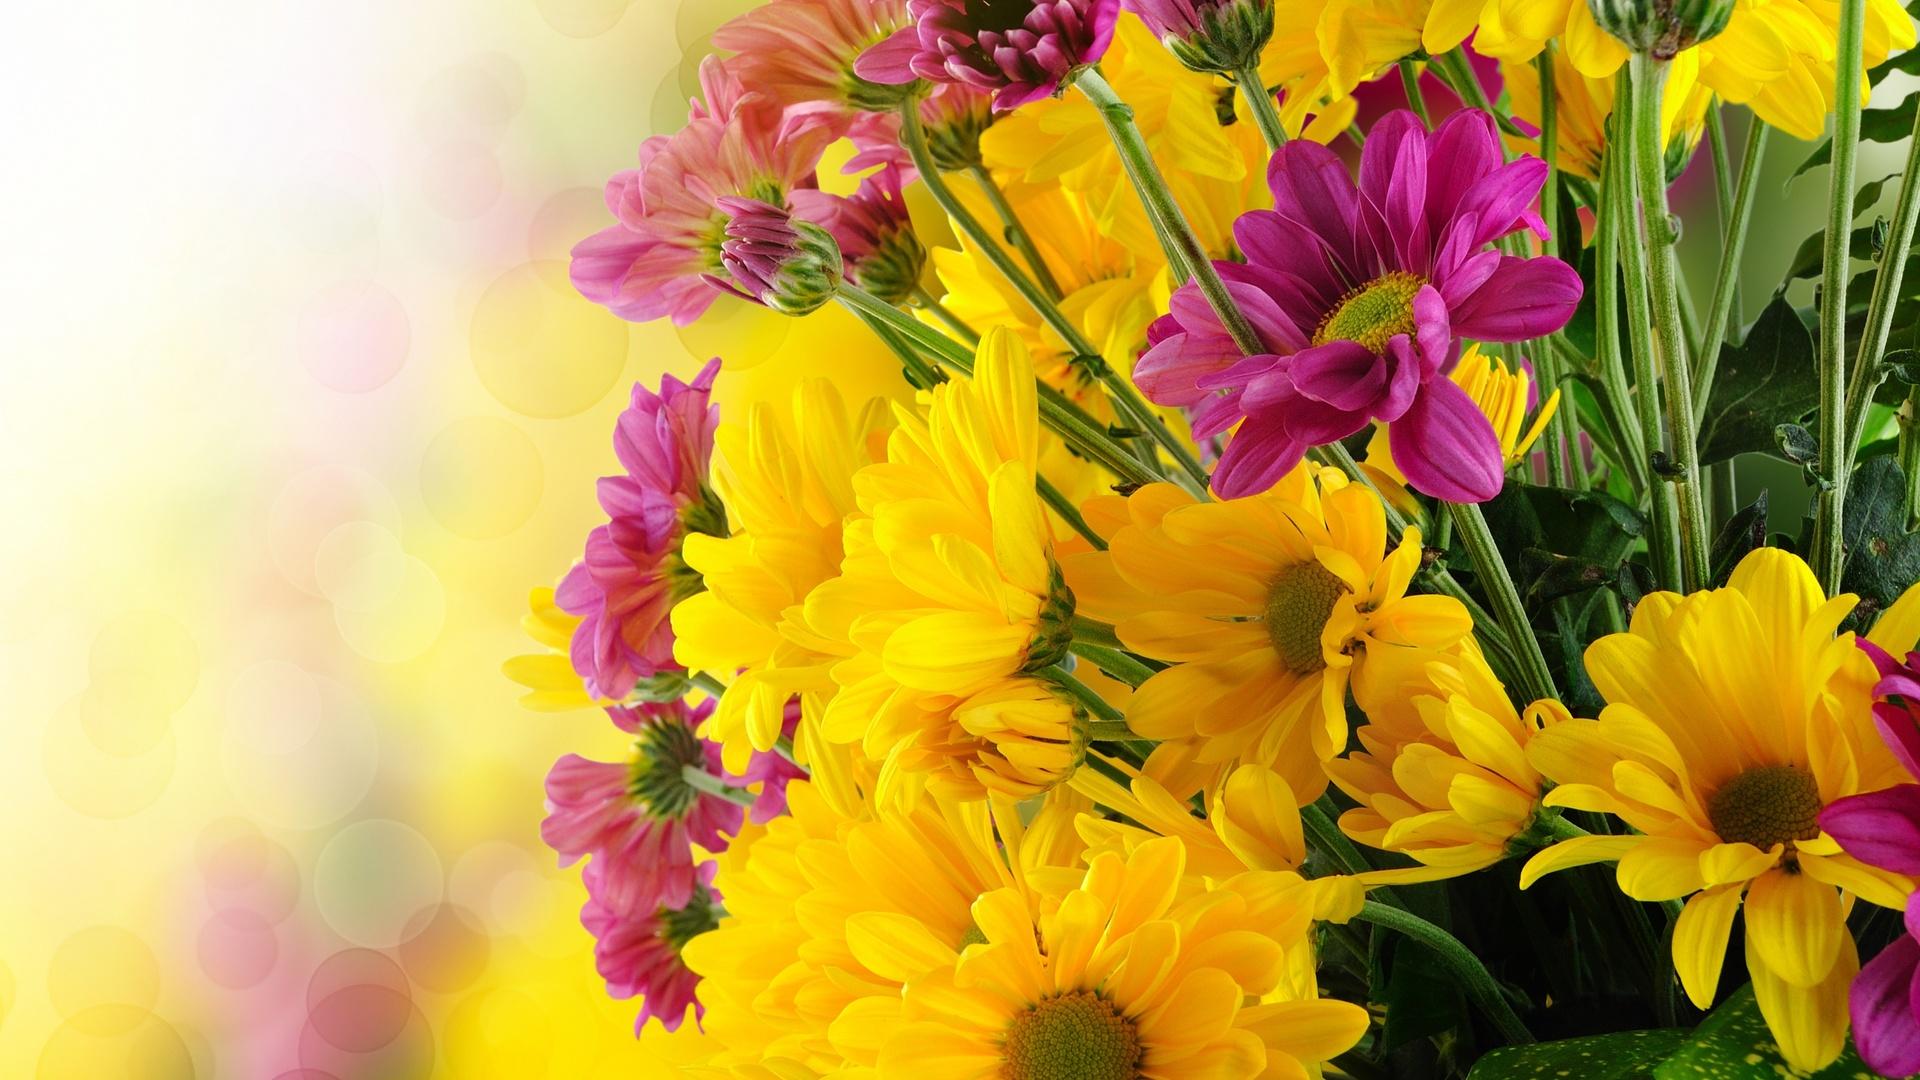 Красочные картинки для поздравления, поздравление